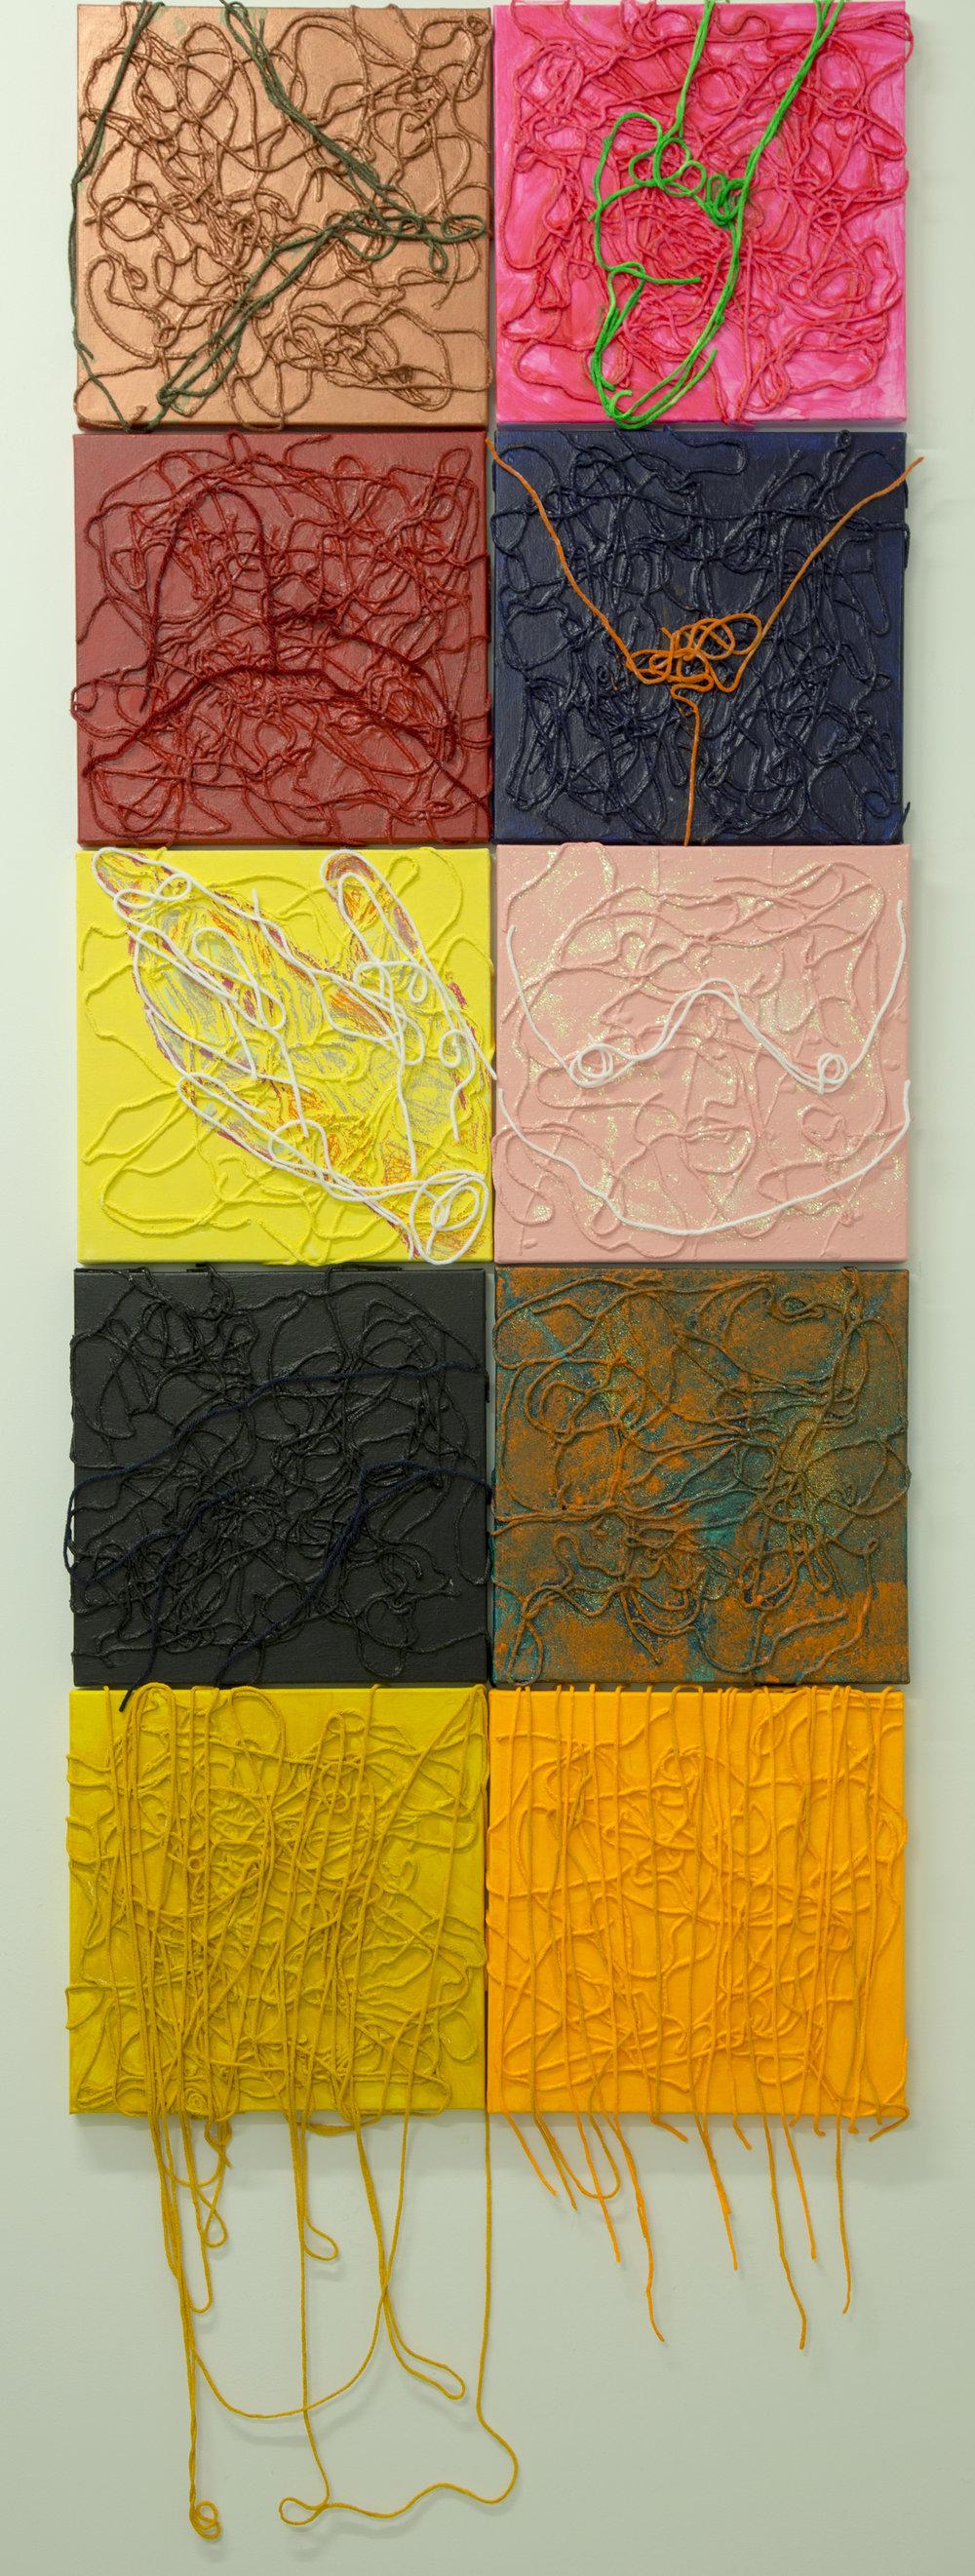 """Yarn, Acrylics on Canvas.  2016.  8"""" x 8"""" each"""